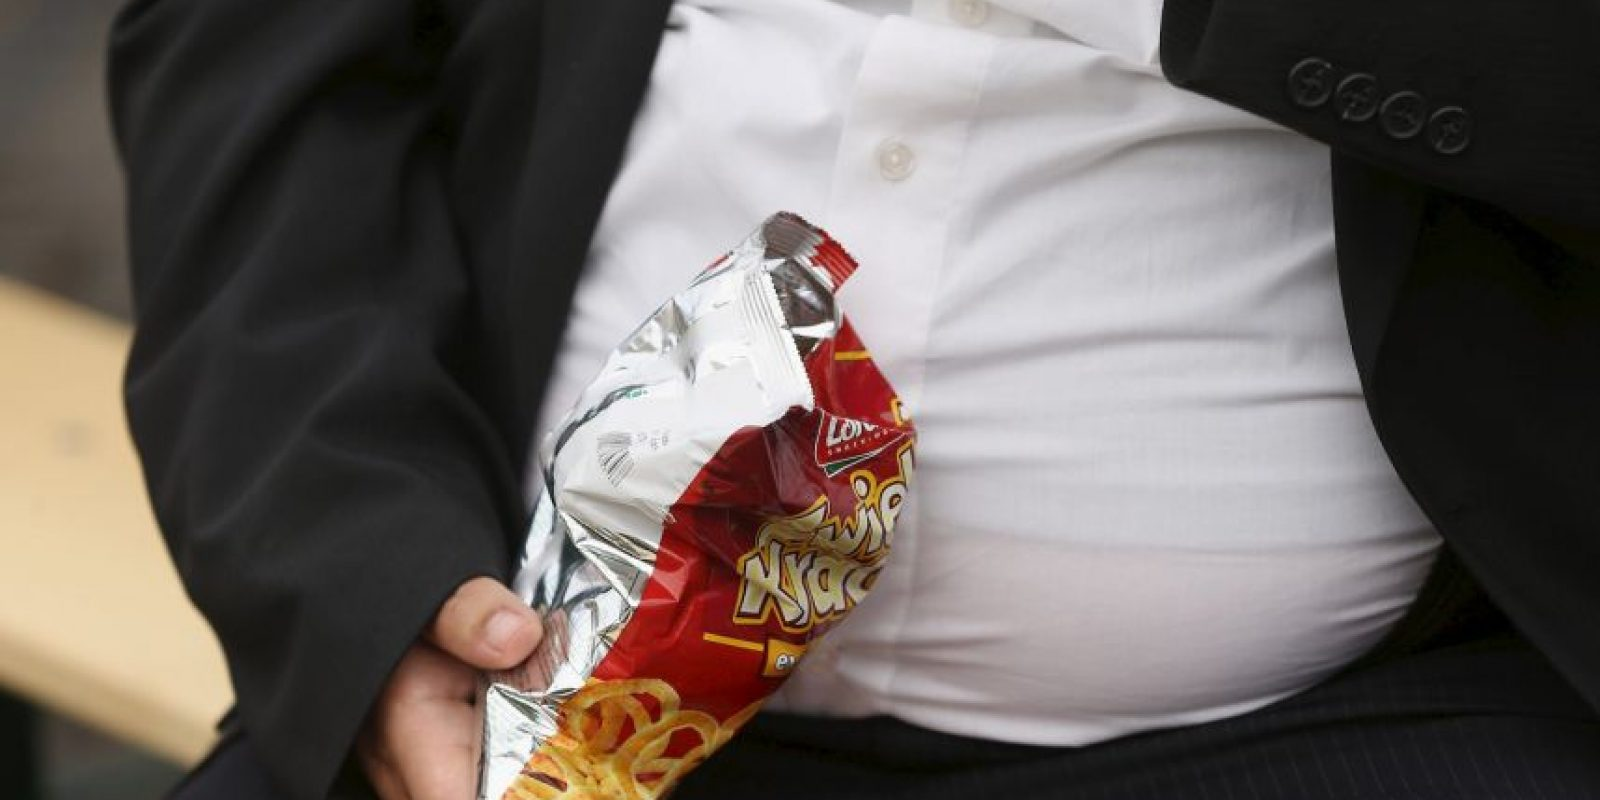 Se considera que un IMC por debajo de 18,5 indica desnutrición o algún problema de salud, mientras que uno superior a 25 indica sobrepeso. Foto:Getty Images